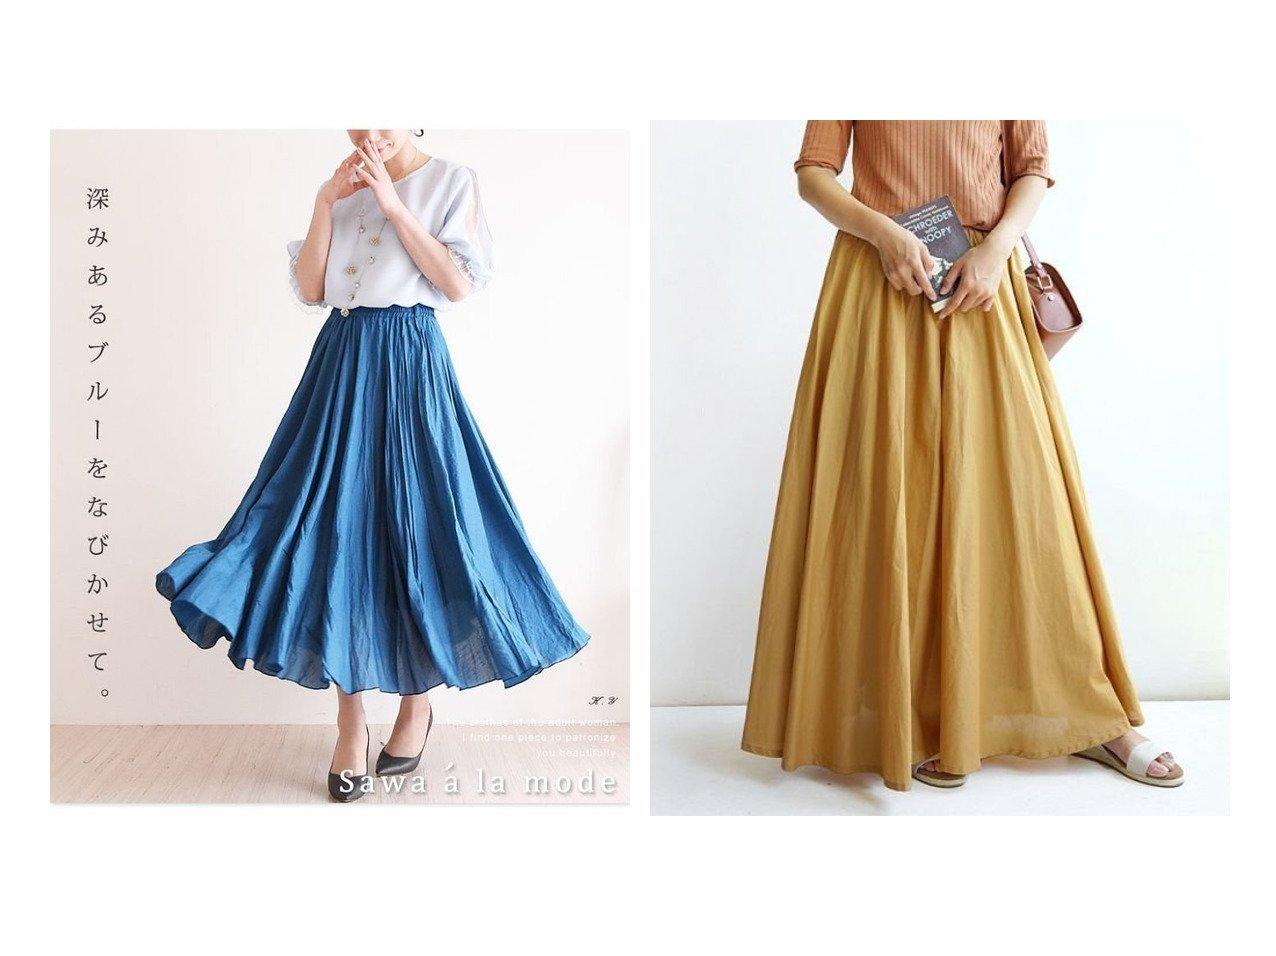 【zootie/ズーティー】のルーセント インドコットン マキシスカート 無地&【Sawa a la mode/サワアラモード】のサーキュラーギャザーロング丈スカート スカートのおすすめ!人気、トレンド・レディースファッションの通販  おすすめで人気の流行・トレンド、ファッションの通販商品 メンズファッション・キッズファッション・インテリア・家具・レディースファッション・服の通販 founy(ファニー) https://founy.com/ ファッション Fashion レディースファッション WOMEN スカート Skirt Aライン/フレアスカート Flared A-Line Skirts ギャザー フレア ロング 2020年 2020 2020 春夏 S/S SS Spring/Summer 2020 S/S 春夏 SS Spring/Summer インド フリル マキシ 春 Spring 無地  ID:crp329100000019233